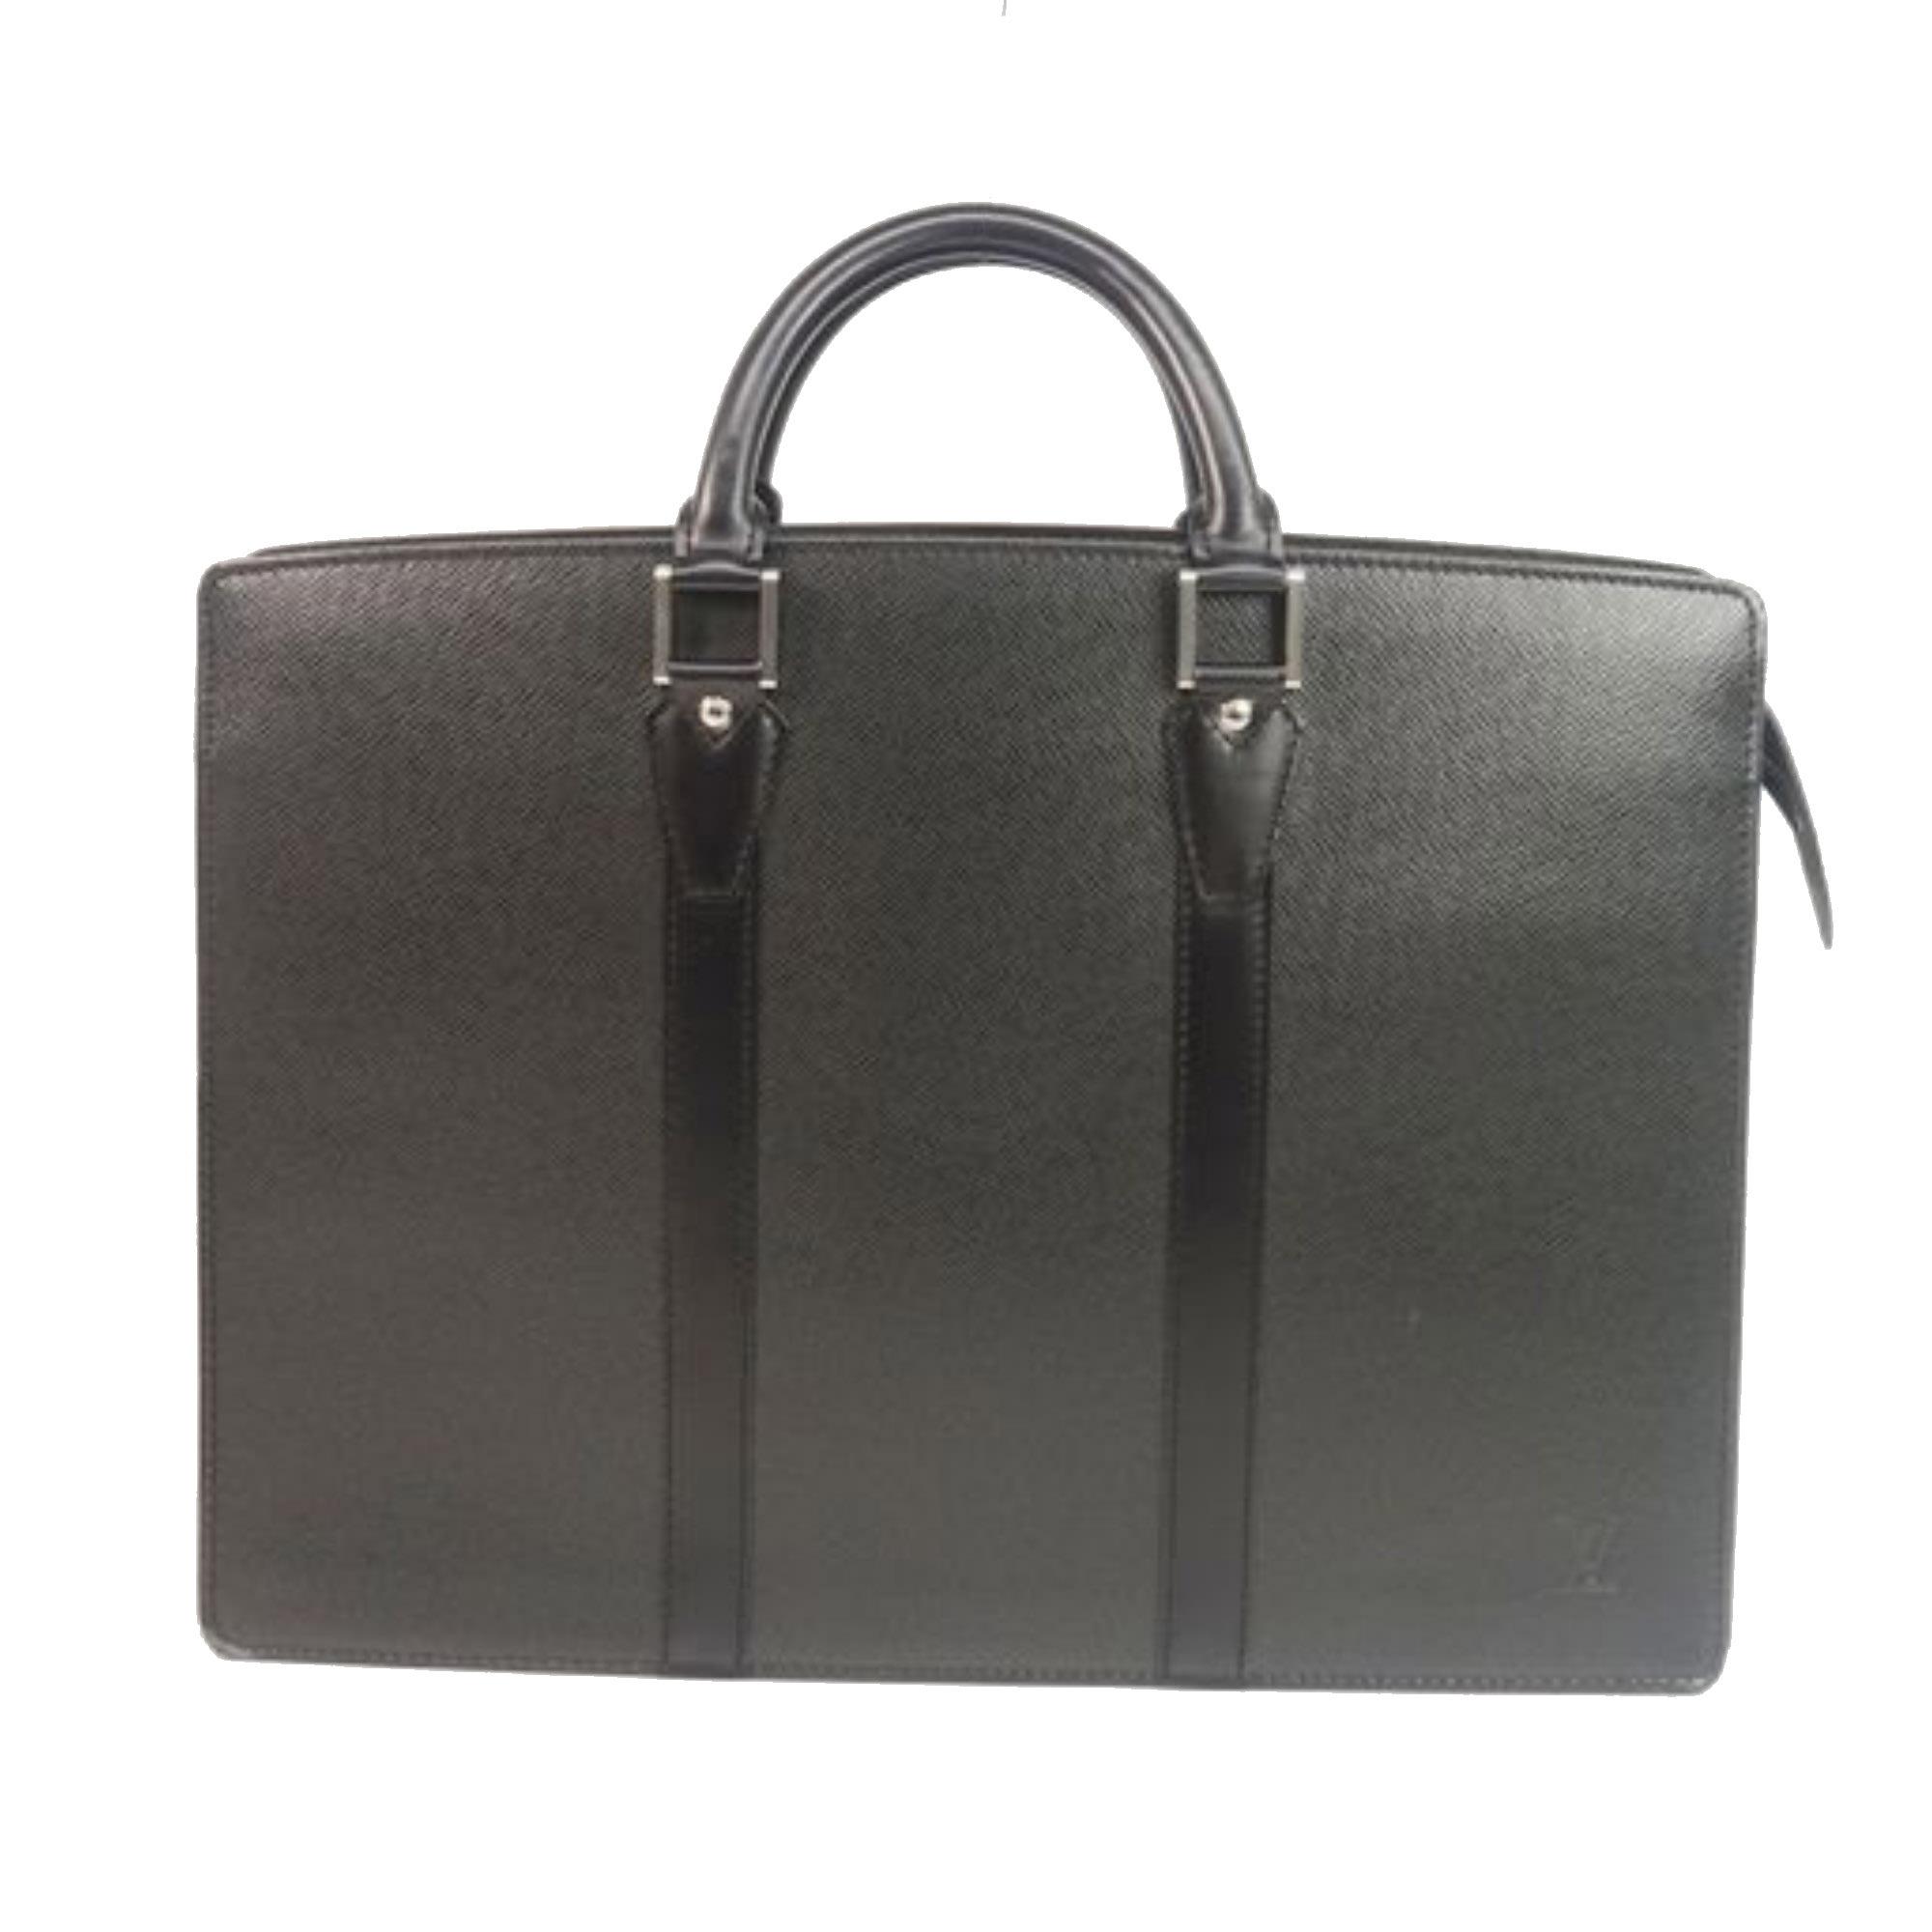 Porte documents, serviette LOUIS VUITTON Black